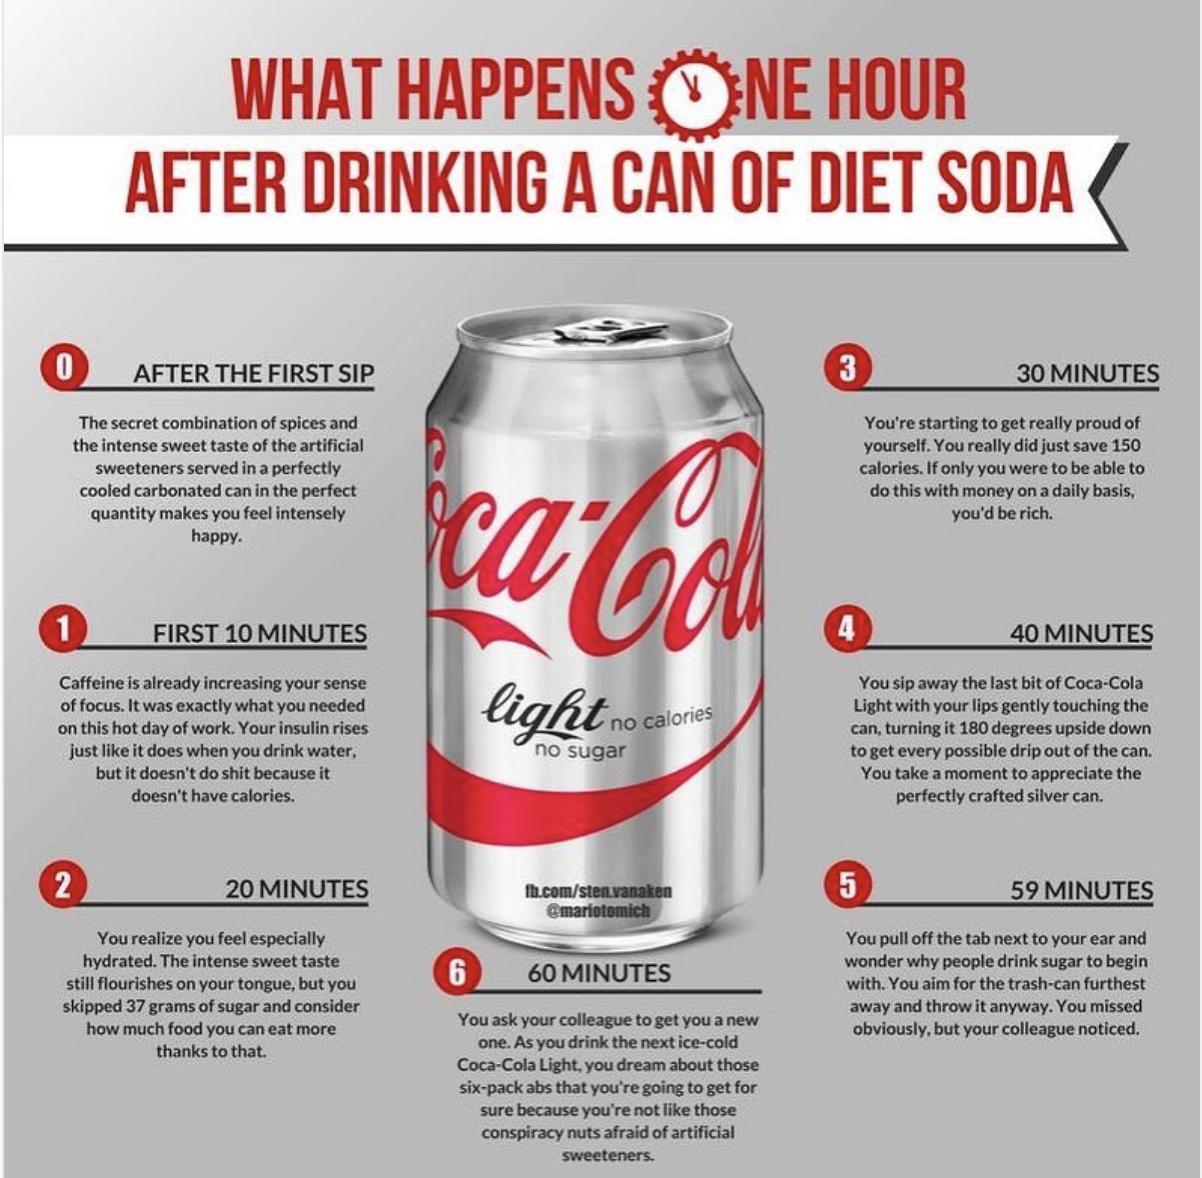 Instagram Post about Diet Coke